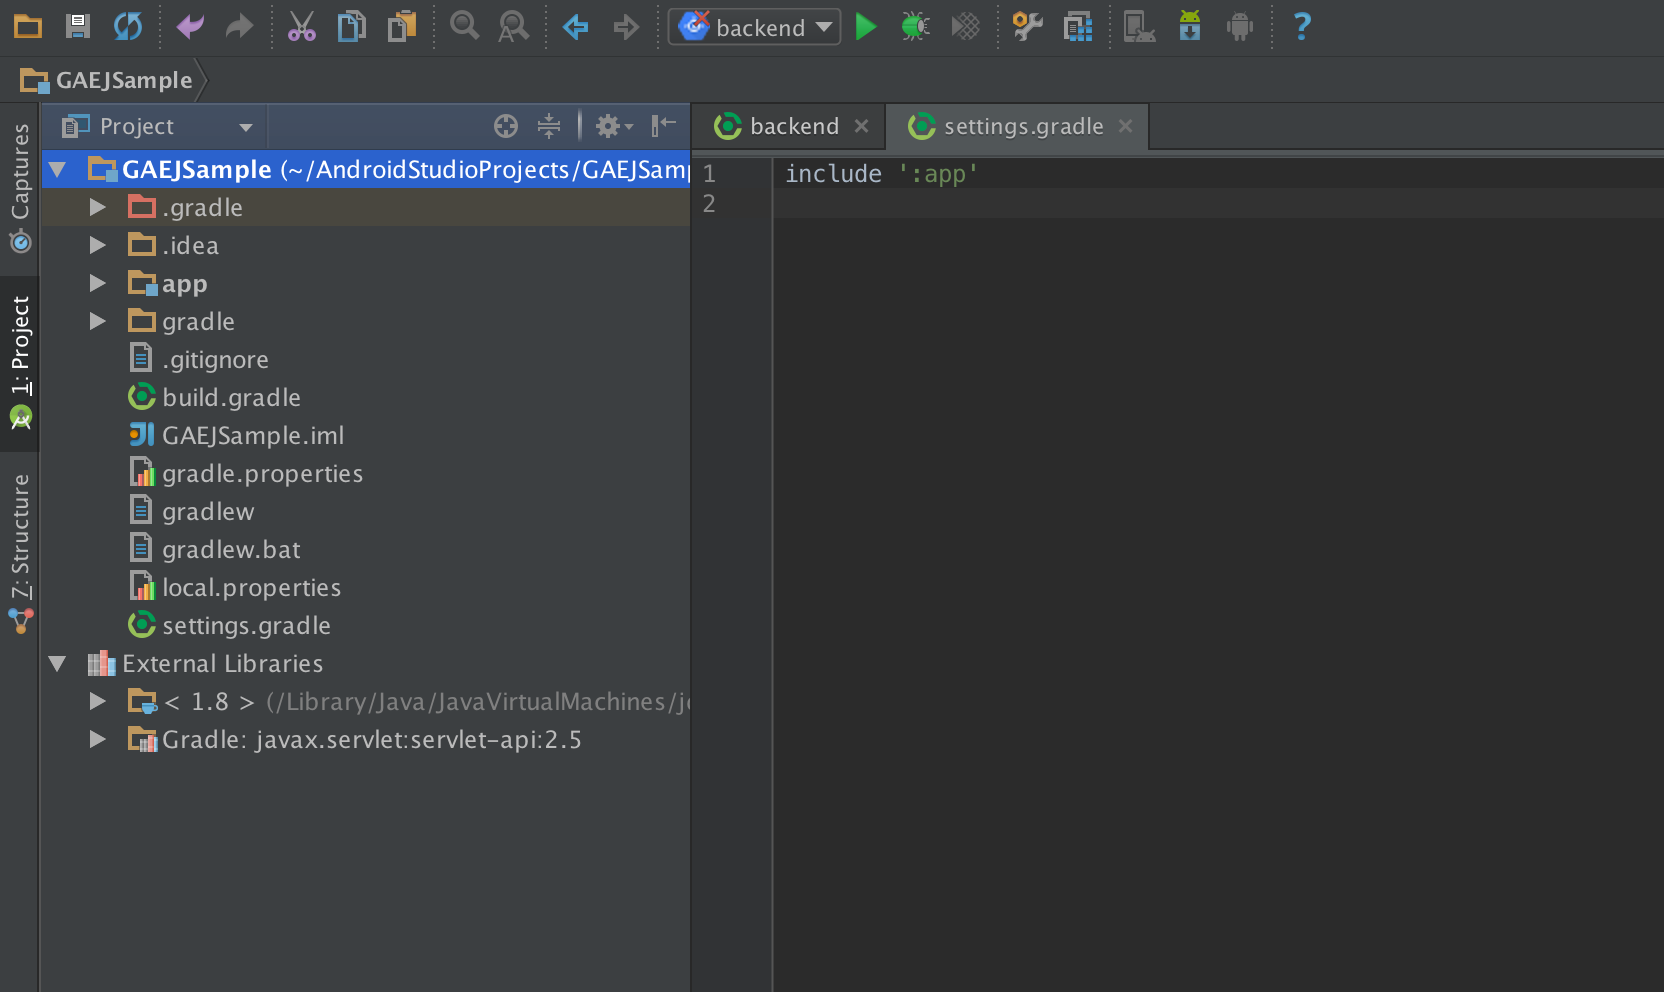 settings_gradle_-_GAEJSample_-____AndroidStudioProjects_GAEJSample_.png